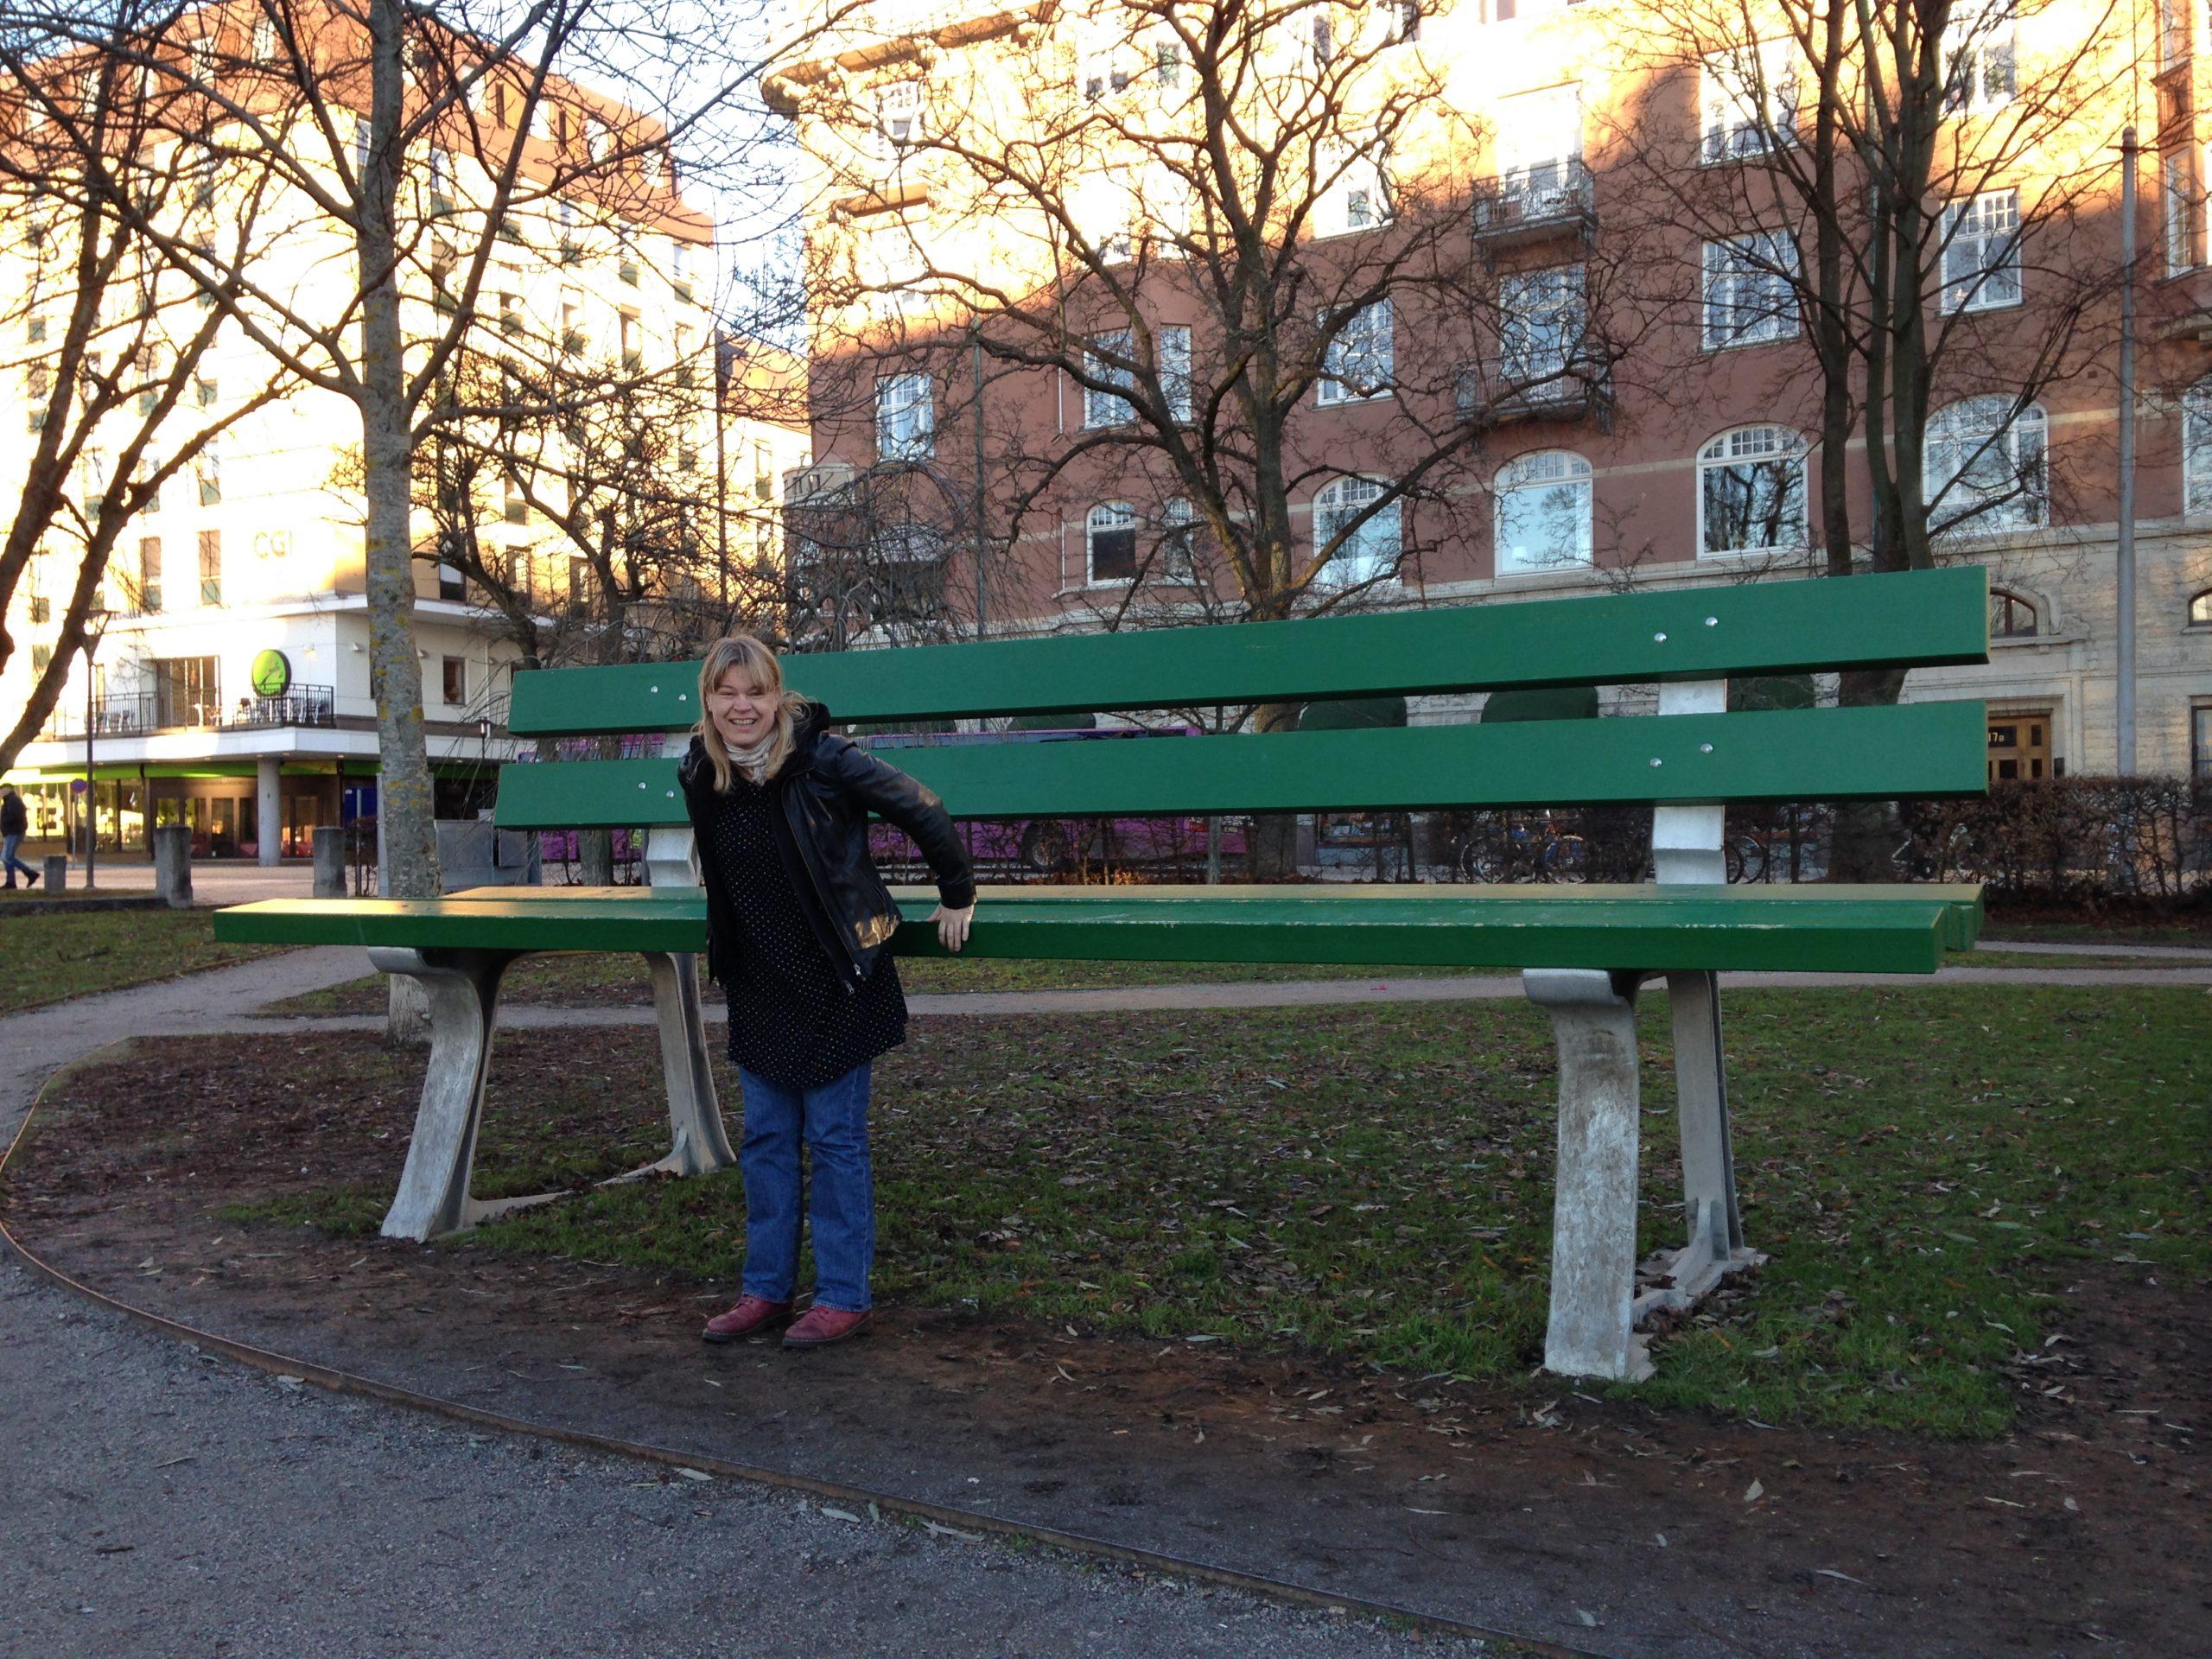 Jag framför en parkbänk i jättestorlek. Sitsen är i höjd med min ända. Jag ler och försöker hoppa upp.